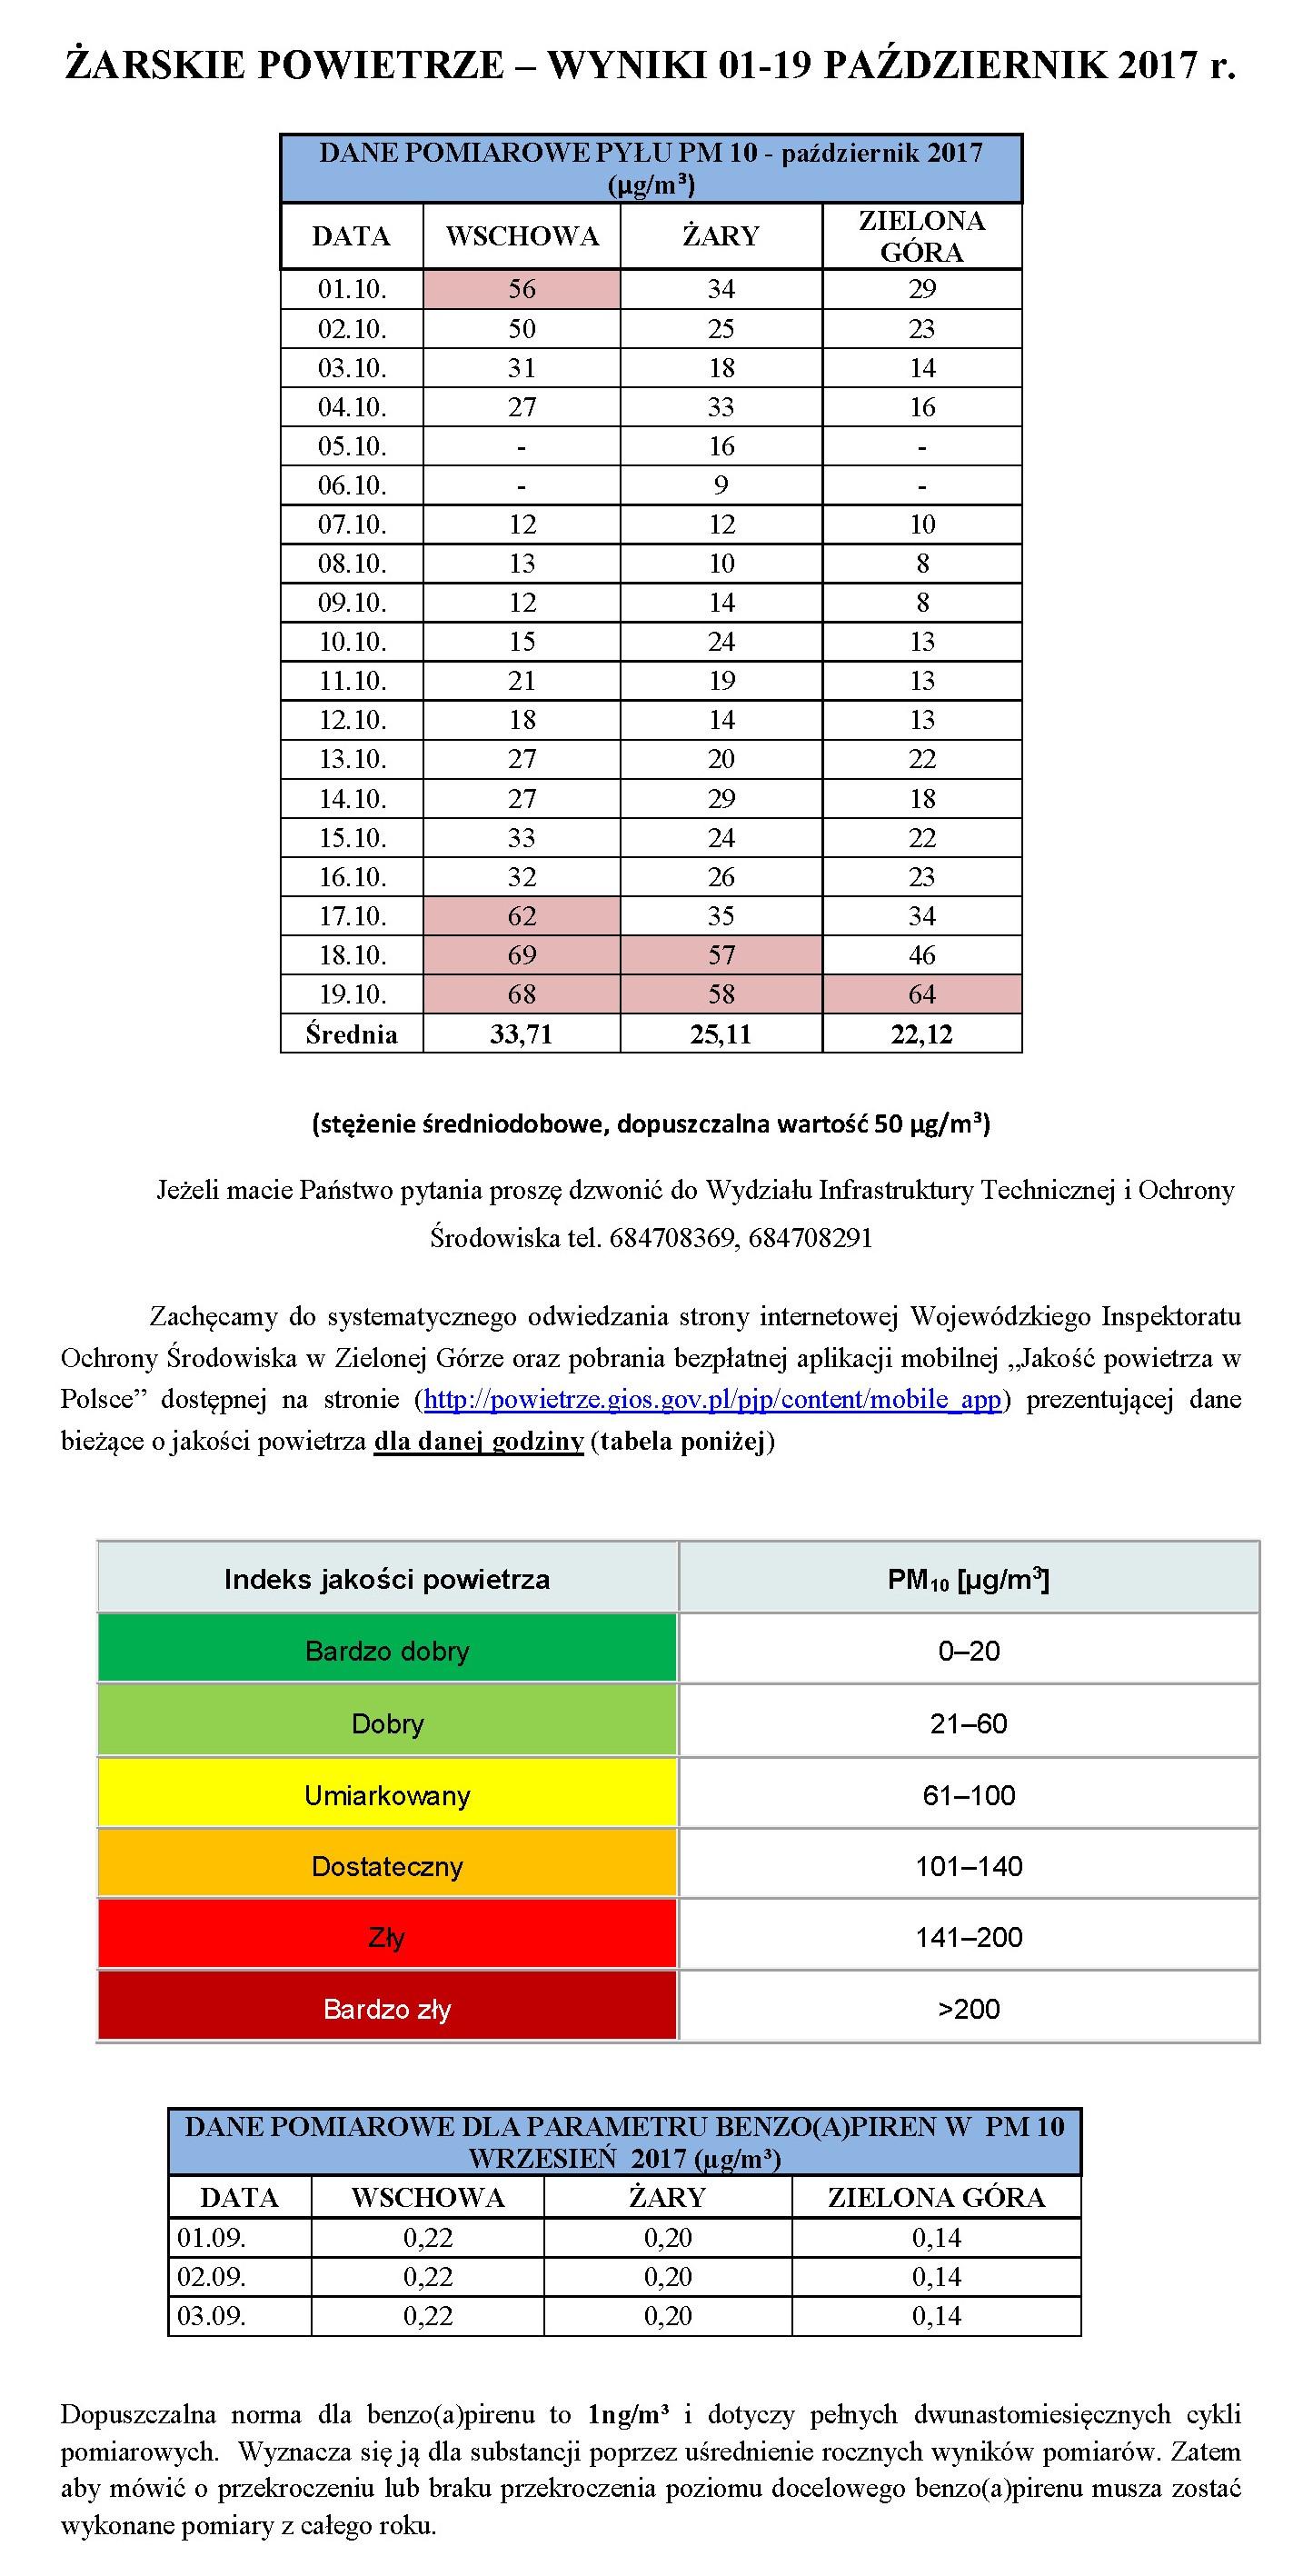 Ilustracja do informacji: ŻARSKIE POWIETRZE – WYNIKI 01-19 PAŹDZIERNIK 2017 r.